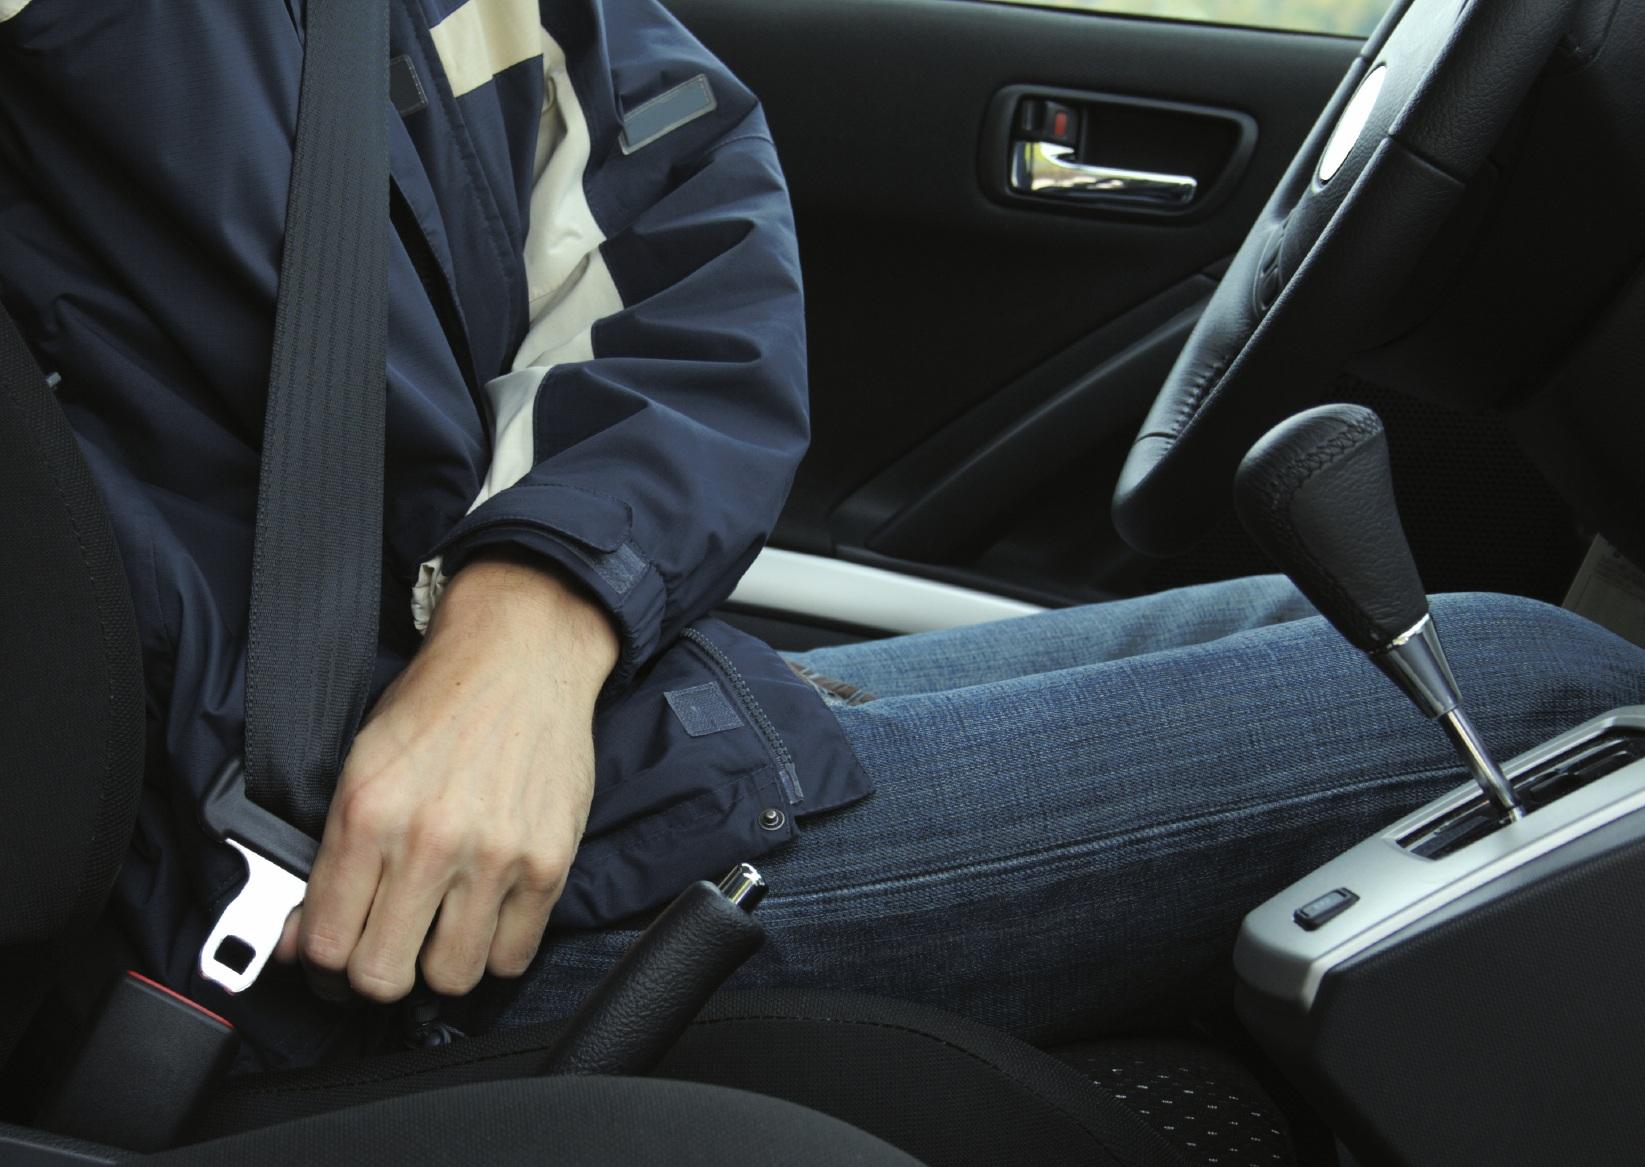 seat-belt4346447.jpg